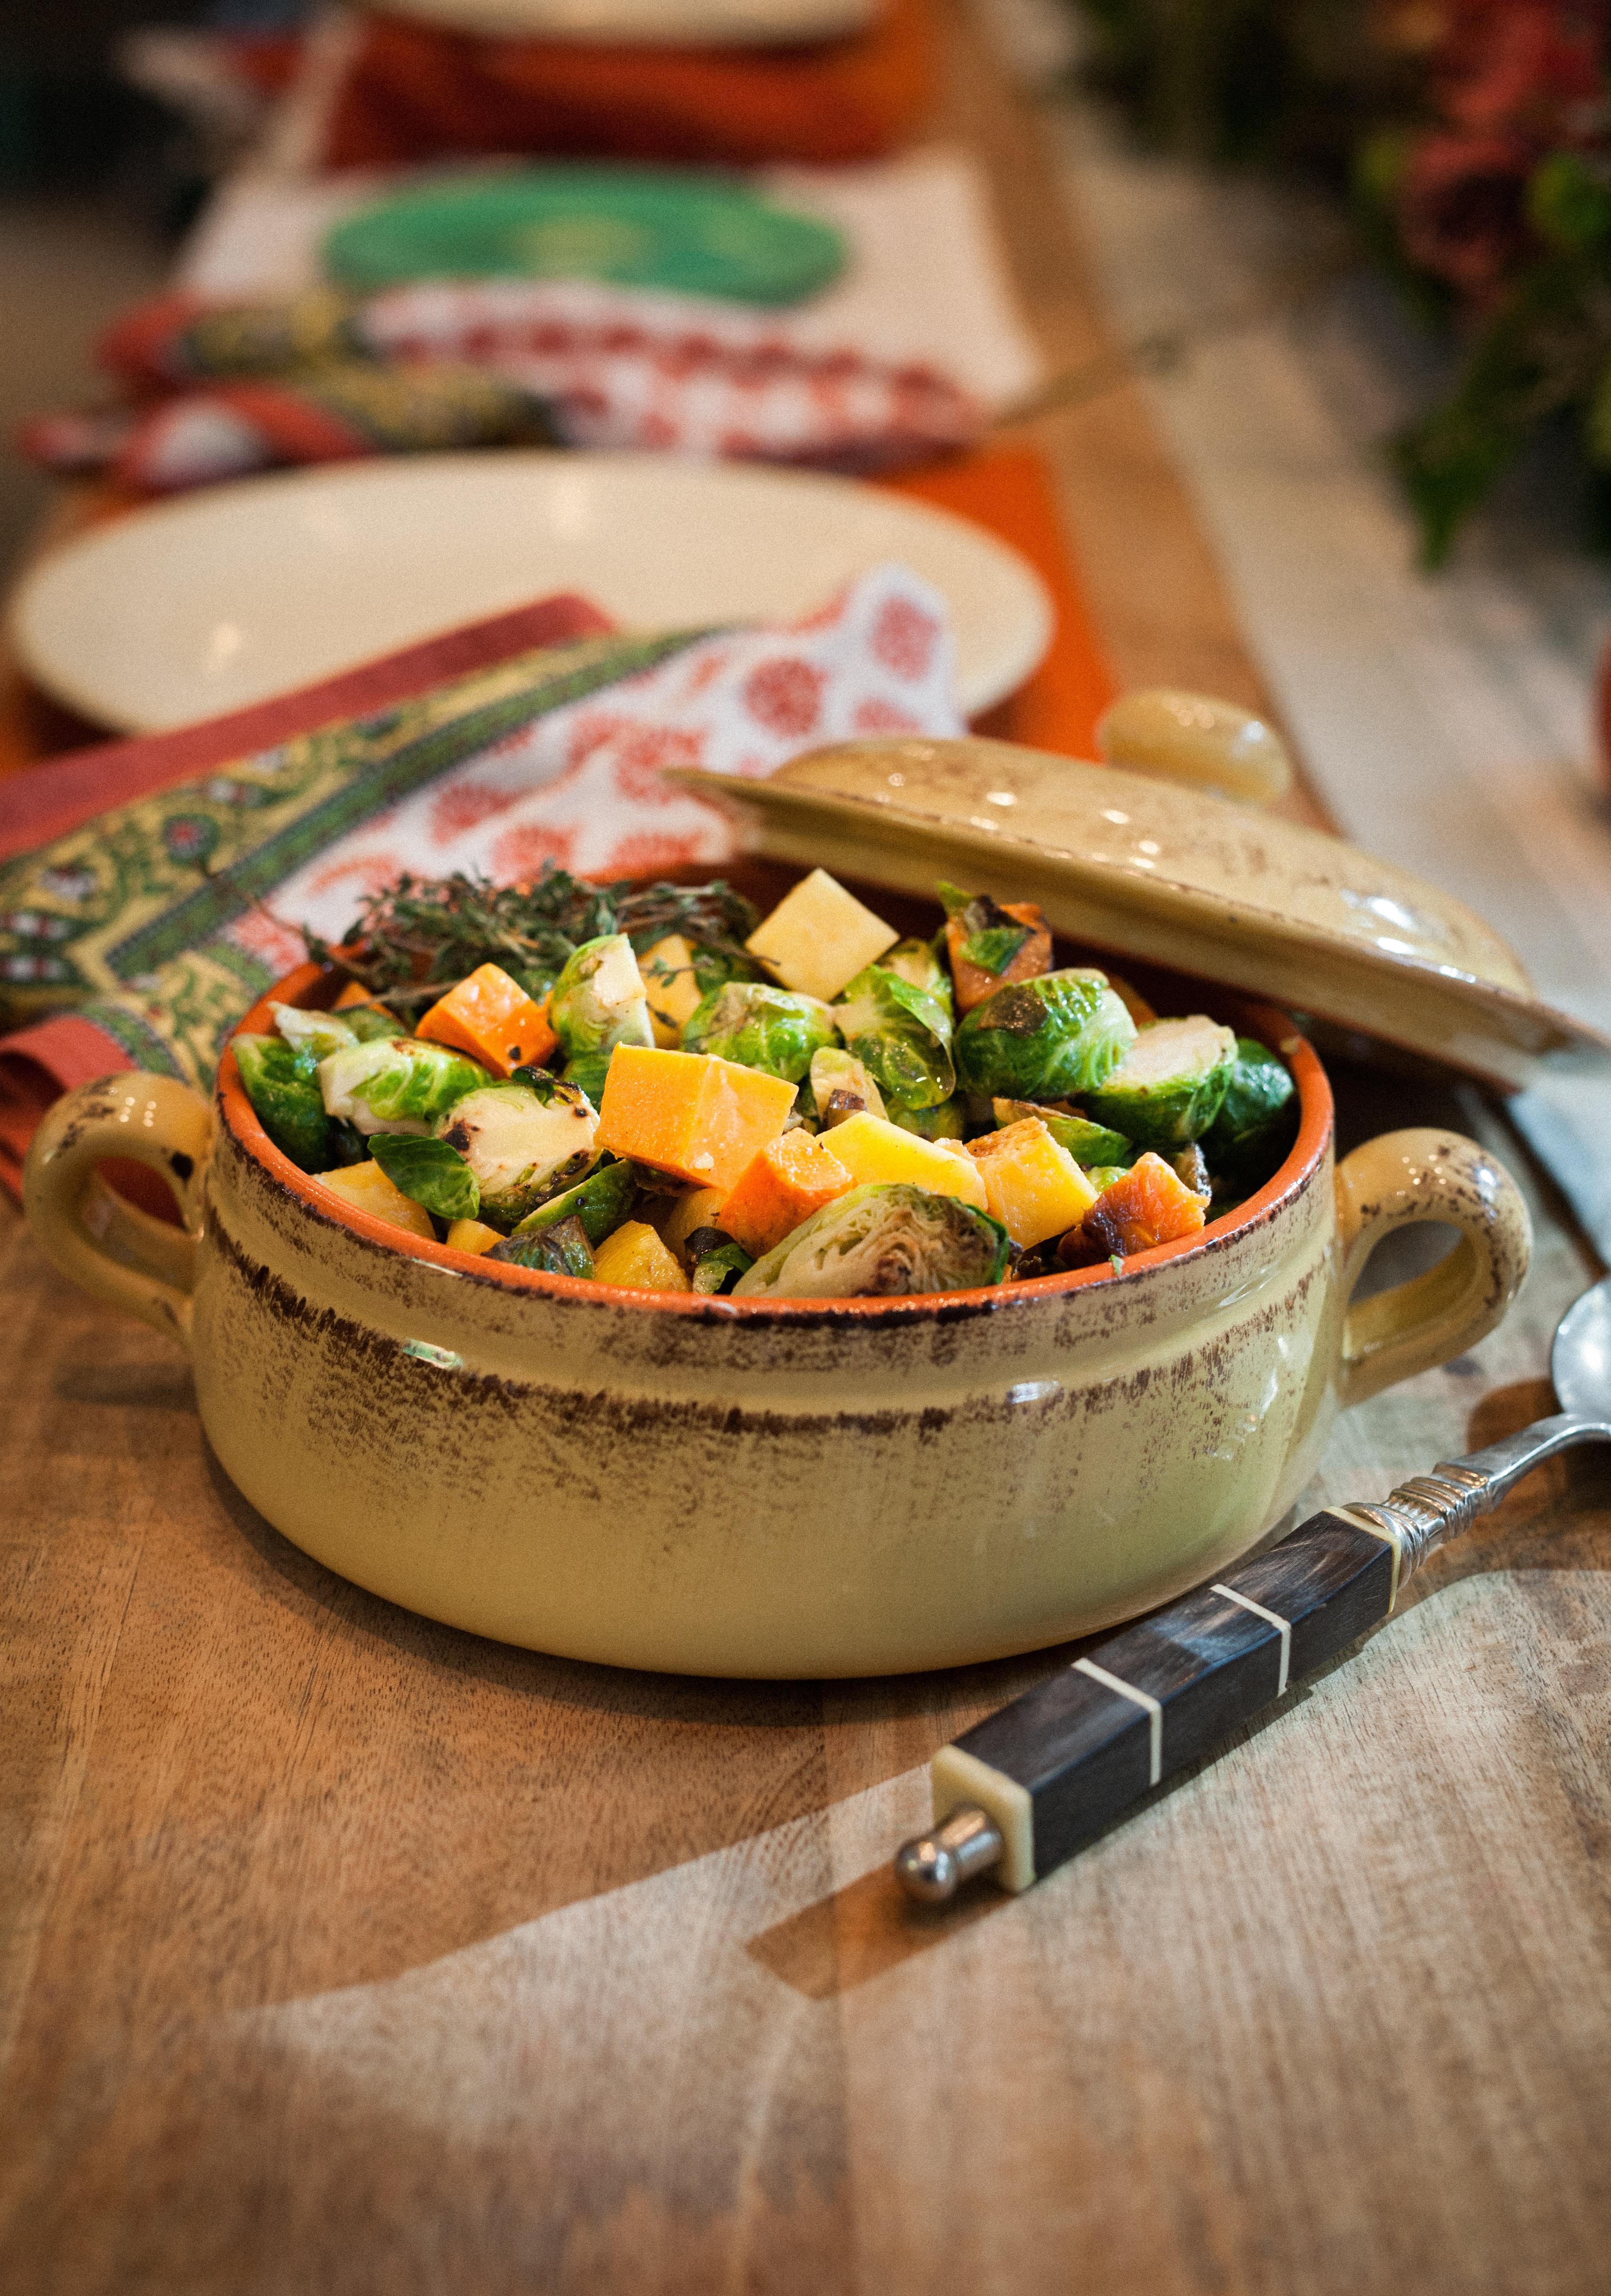 organic recipe of food